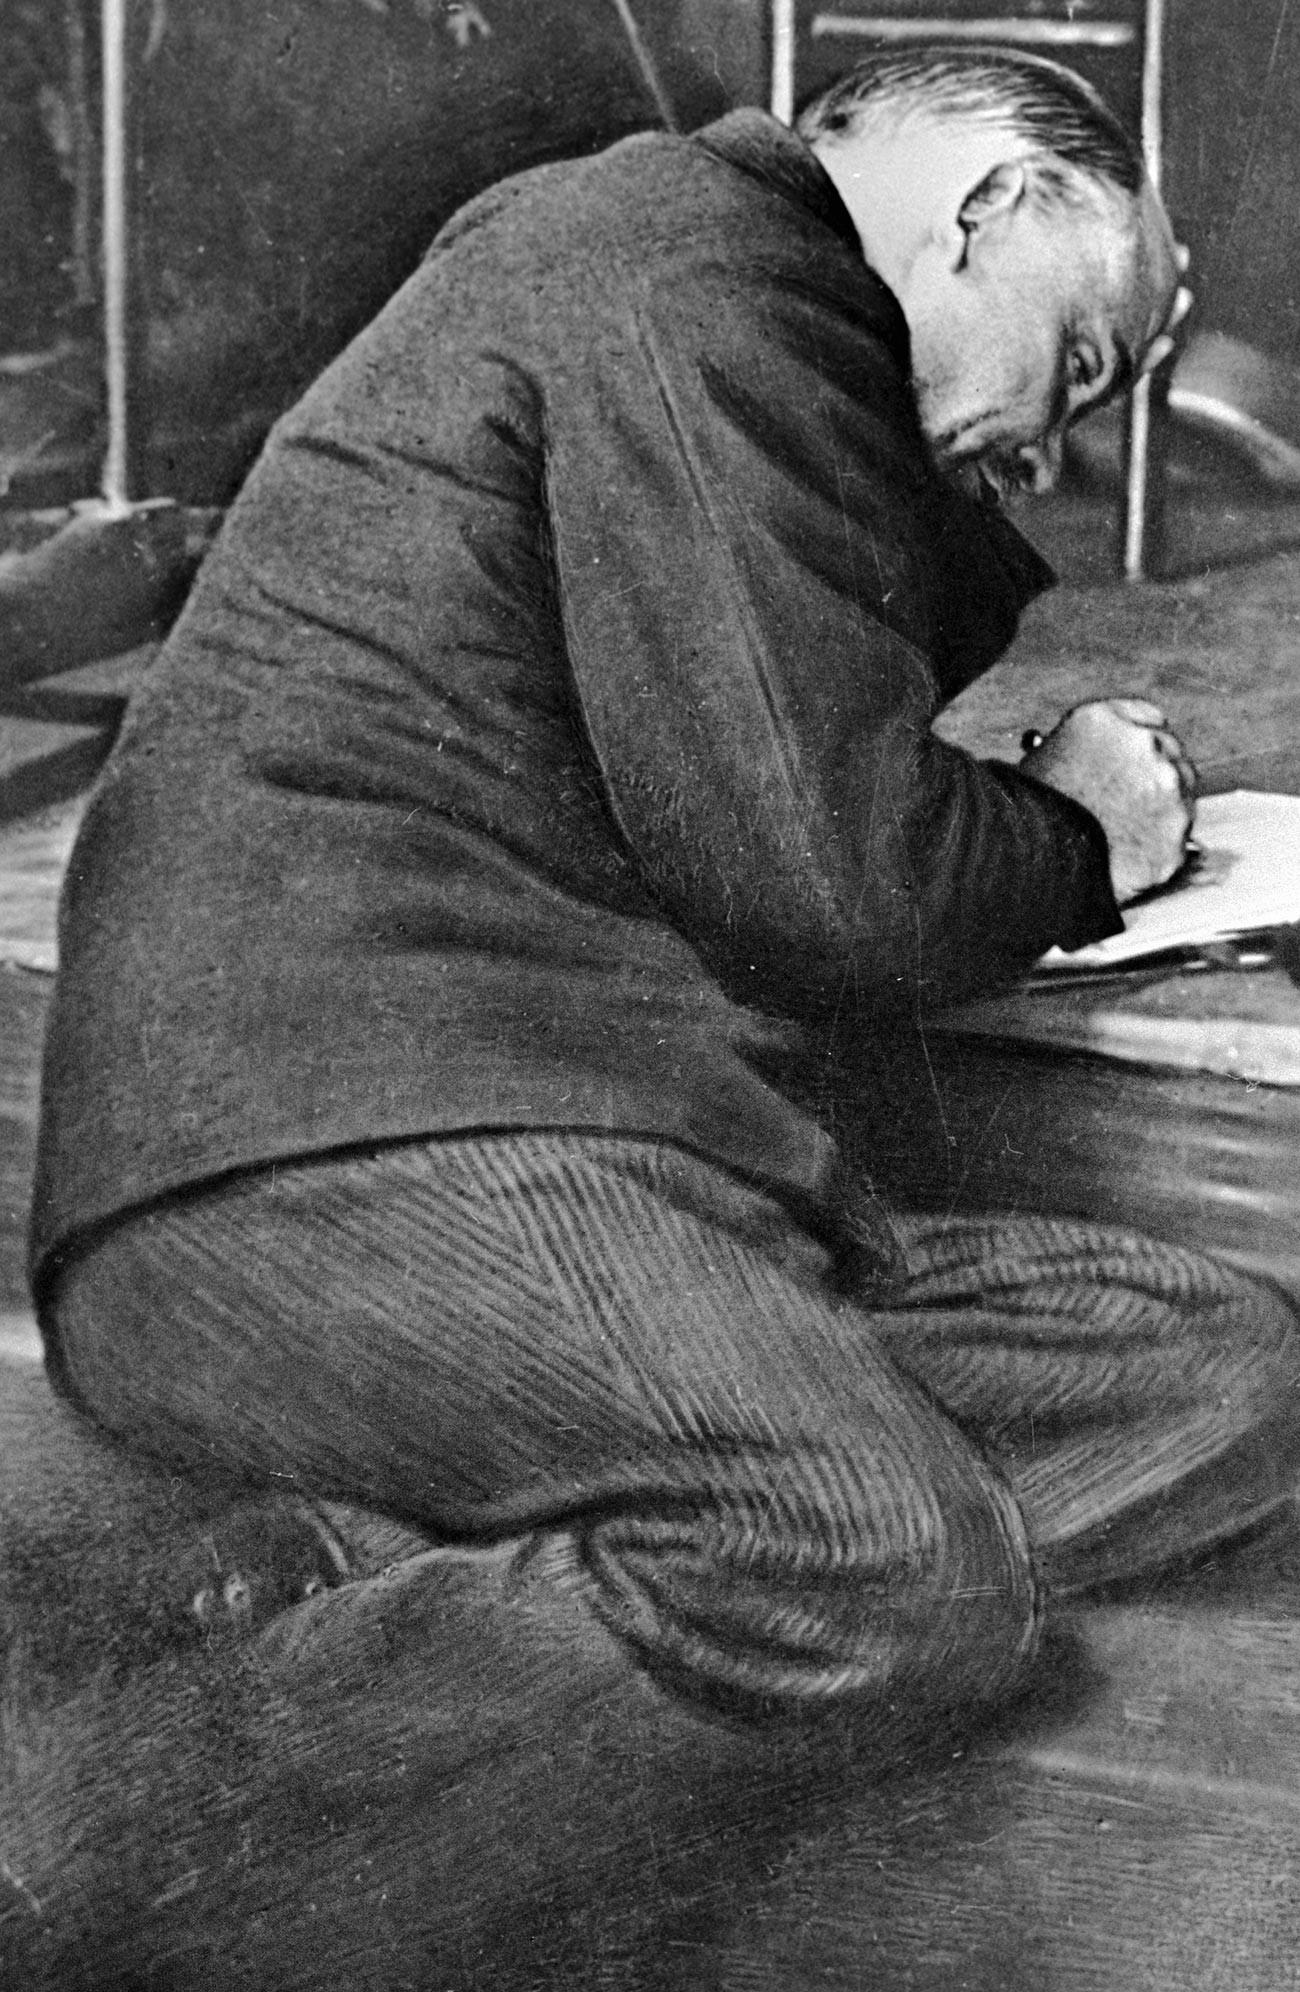 В. И. Ленин пише нещо на стъпалата на трибуна по време на заседанието на III конгрес на Коминтерна в Андреевската зала в Кремъл.